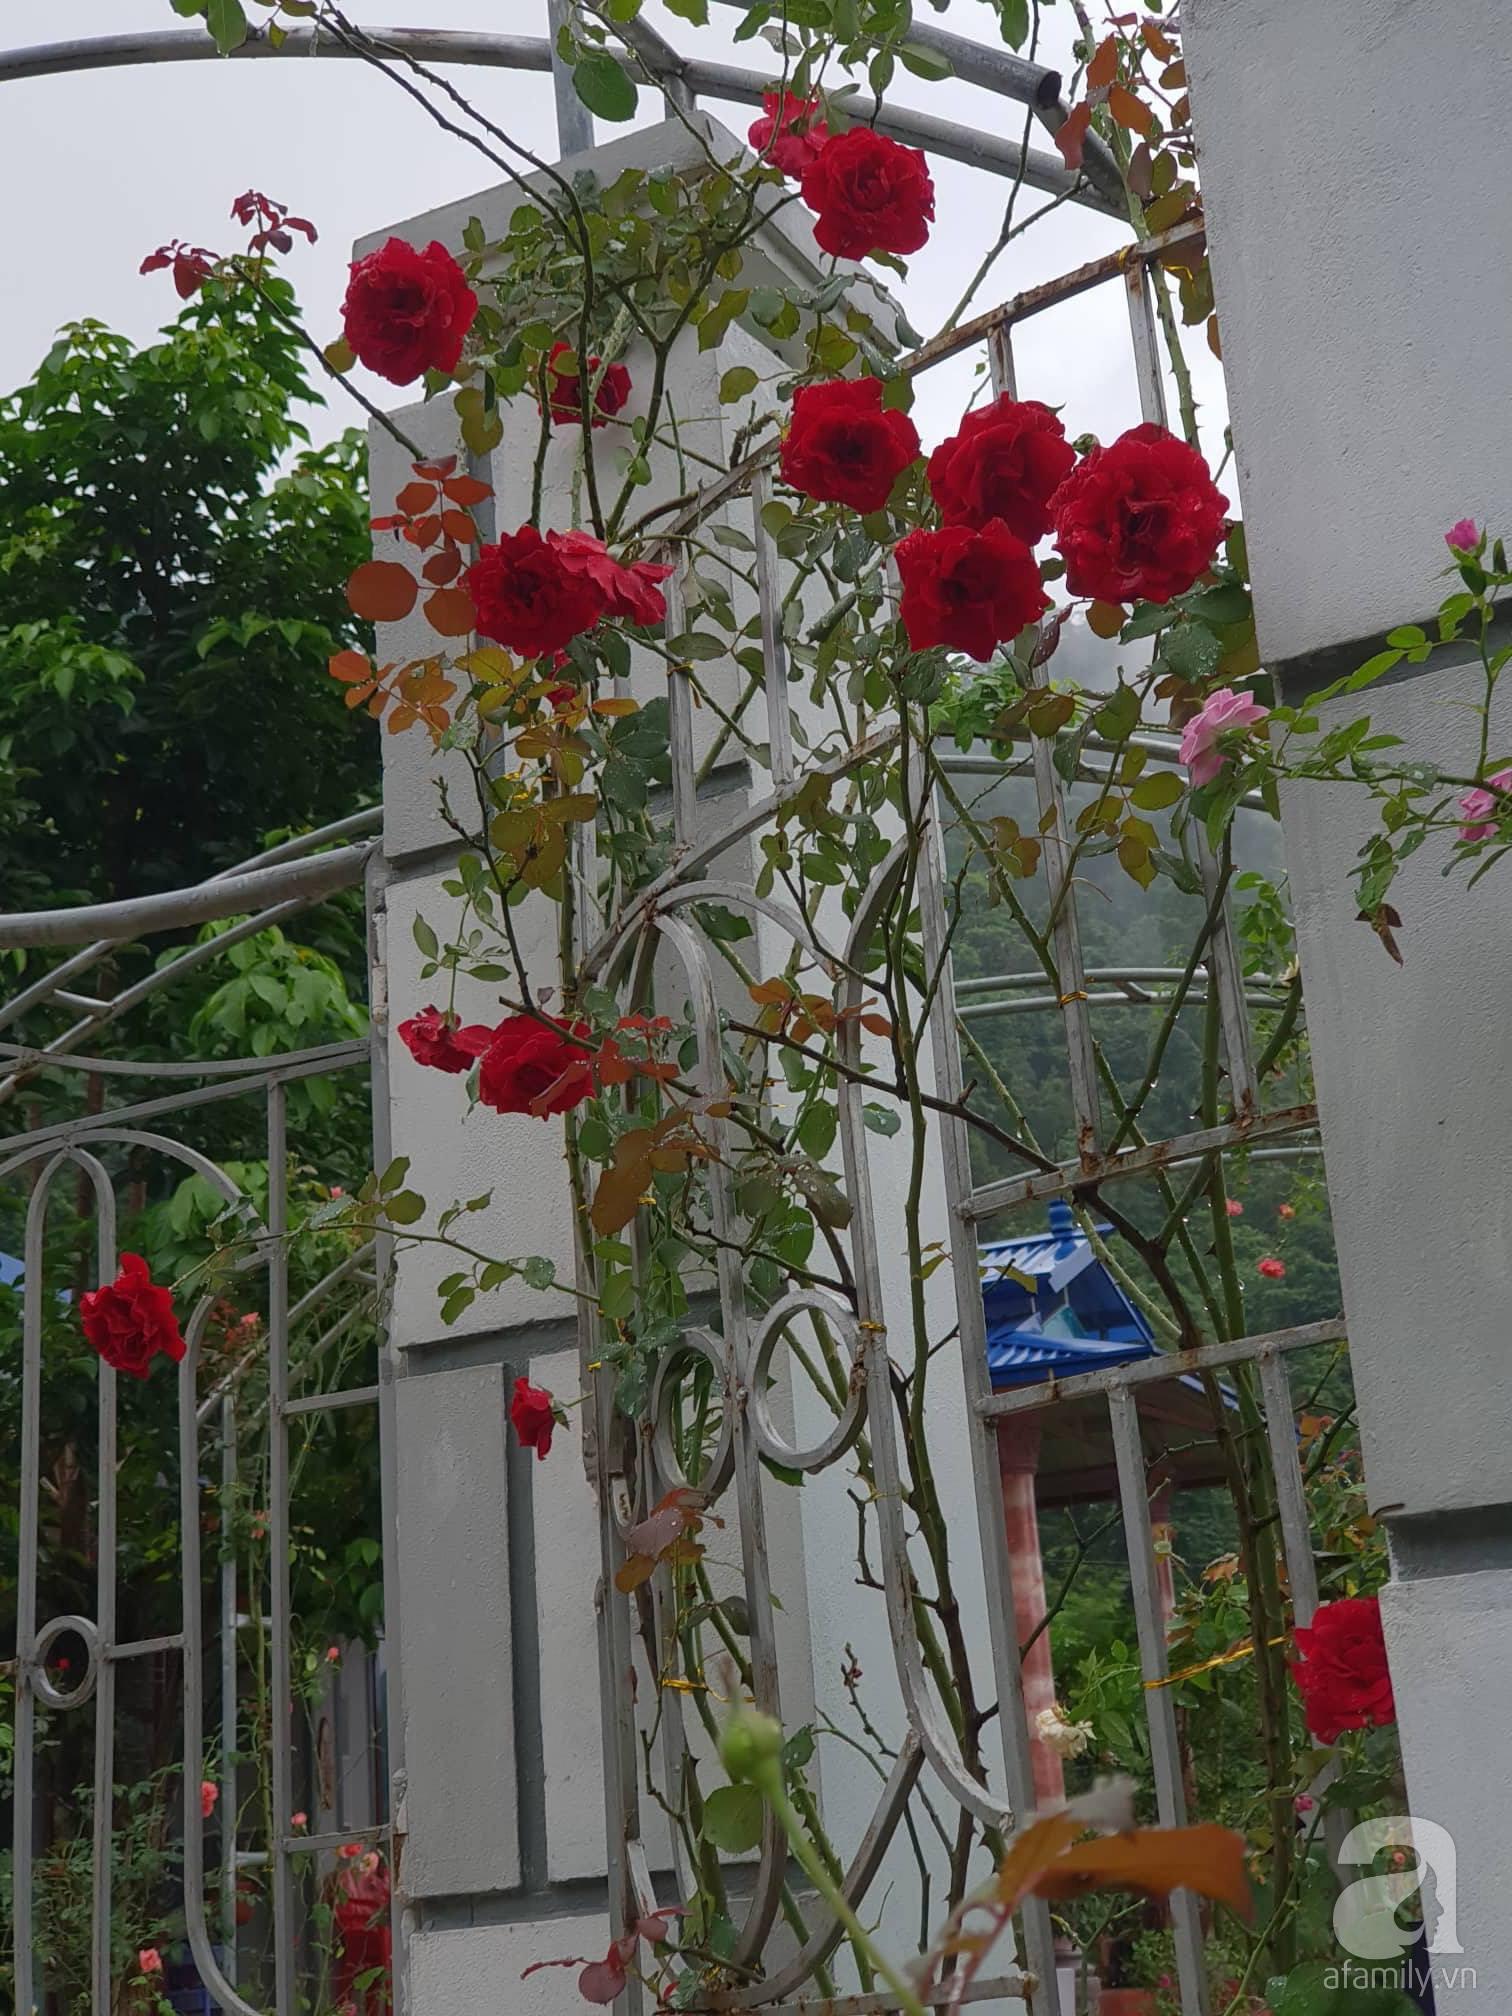 Ngôi nhà hoa hồng thơm ngát và rực rỡ với hàng trăm gốc hồng trên triền núi của cô giáo ở Cao Bằng - Ảnh 18.